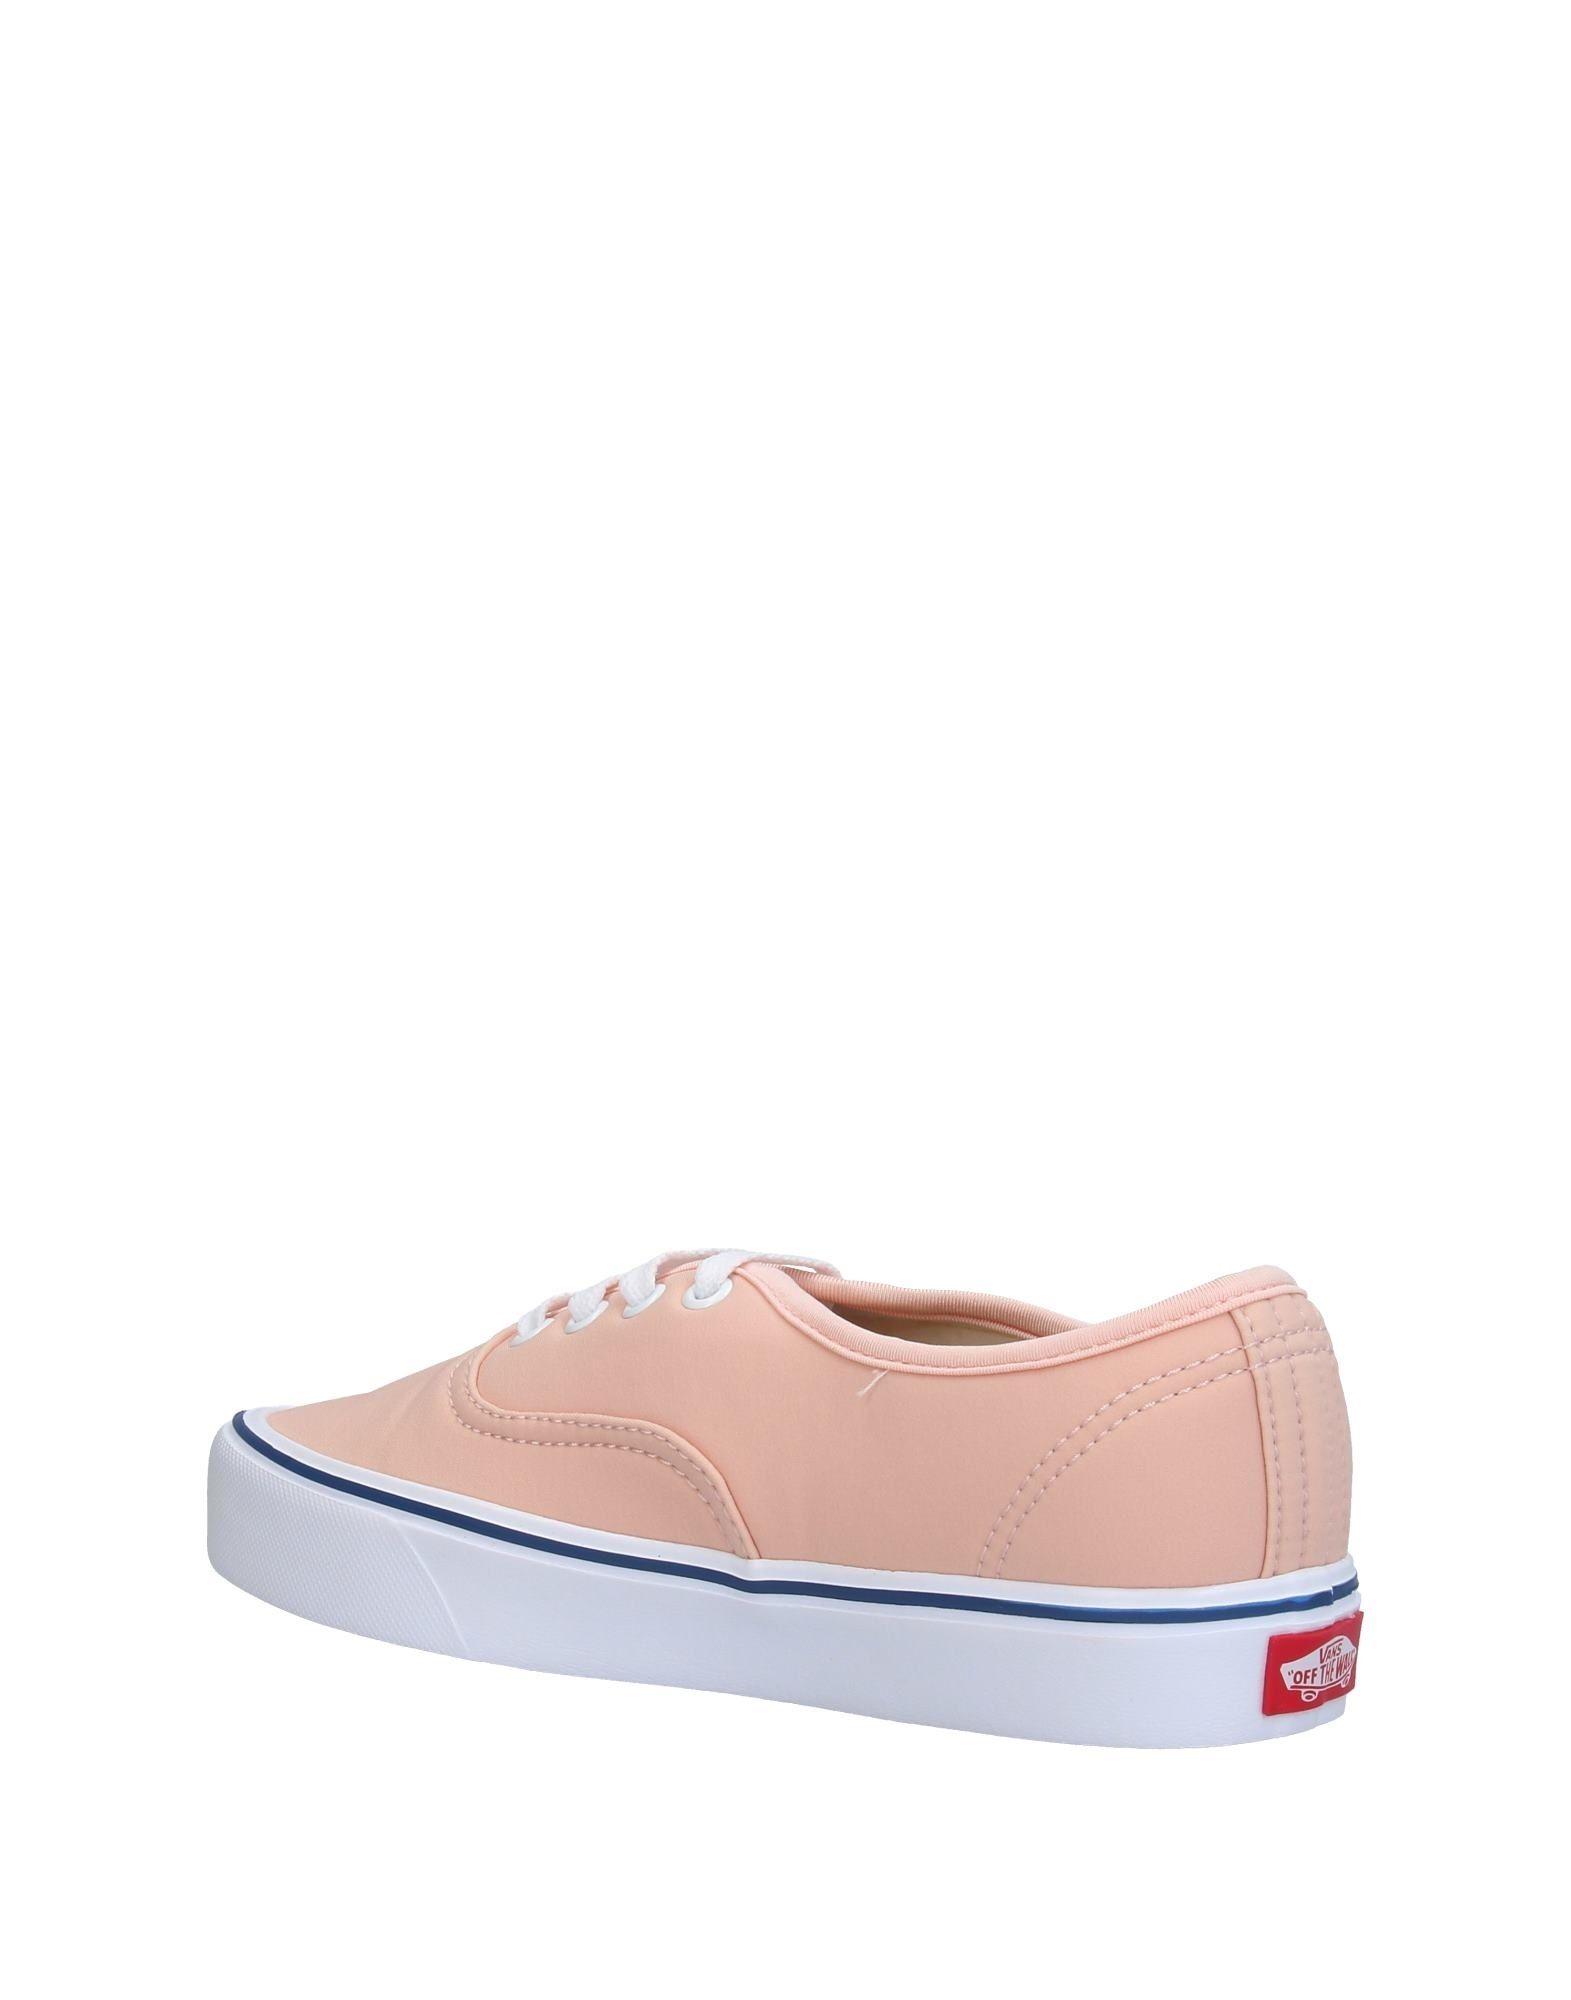 Vans Sneakers Damen  11393807MW 11393807MW  8cfccd